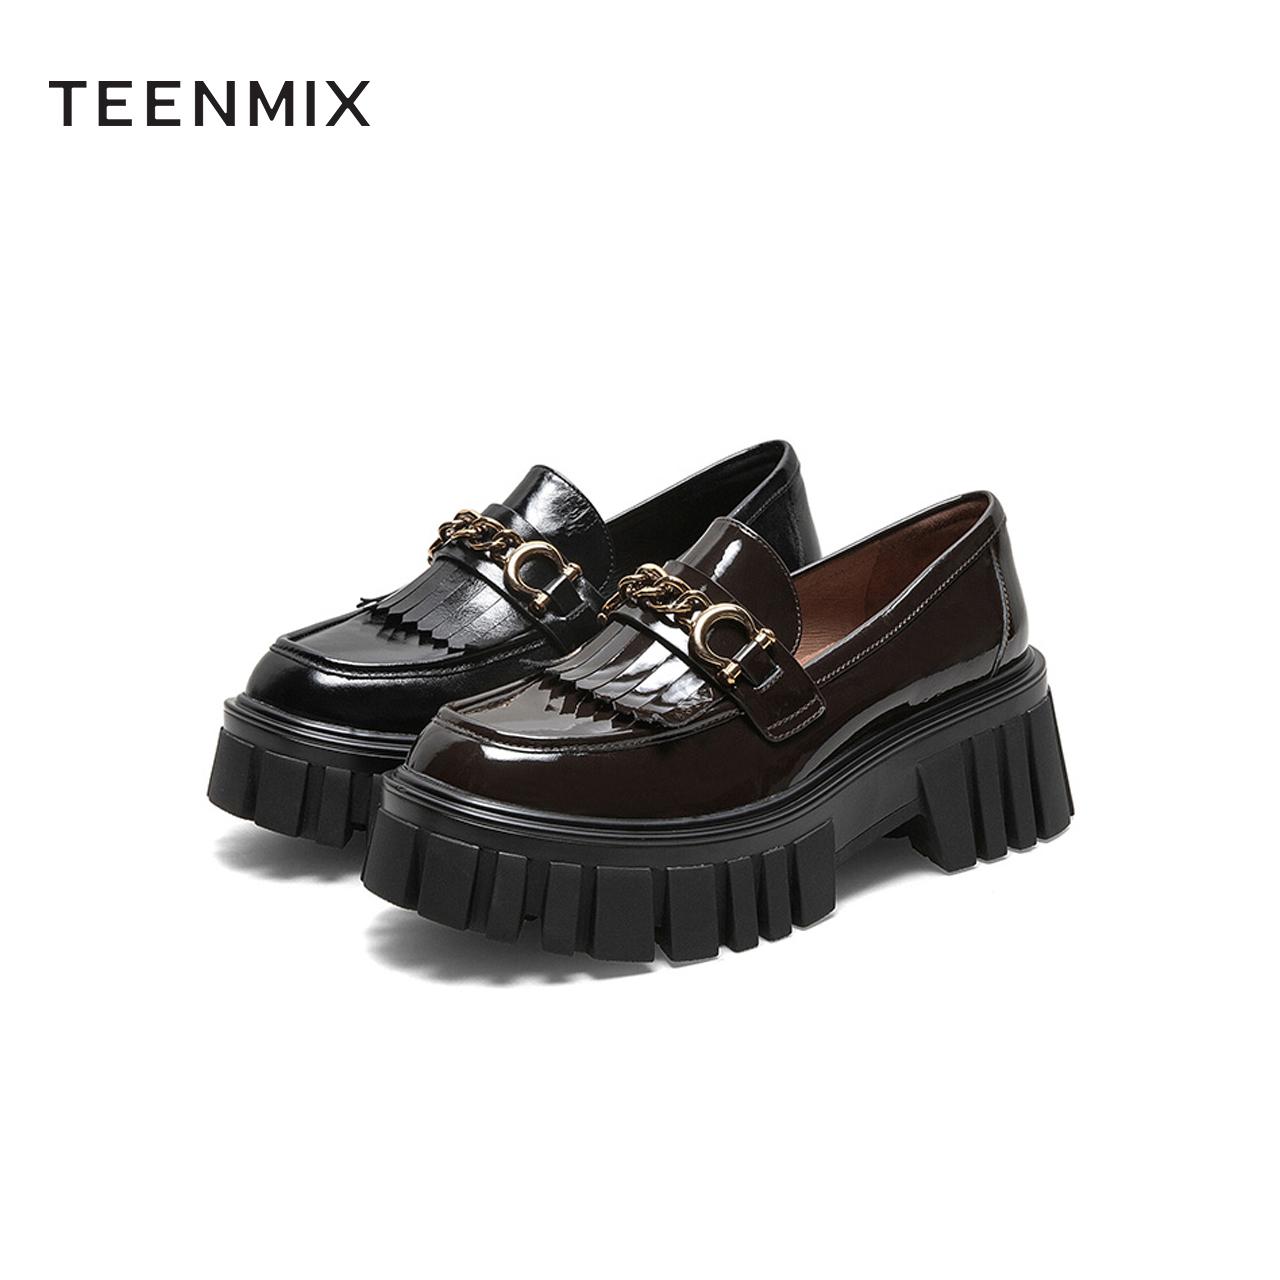 CYT01AA1 春新款商场同款英伦流苏小皮鞋 2021 天美意厚底乐福鞋女